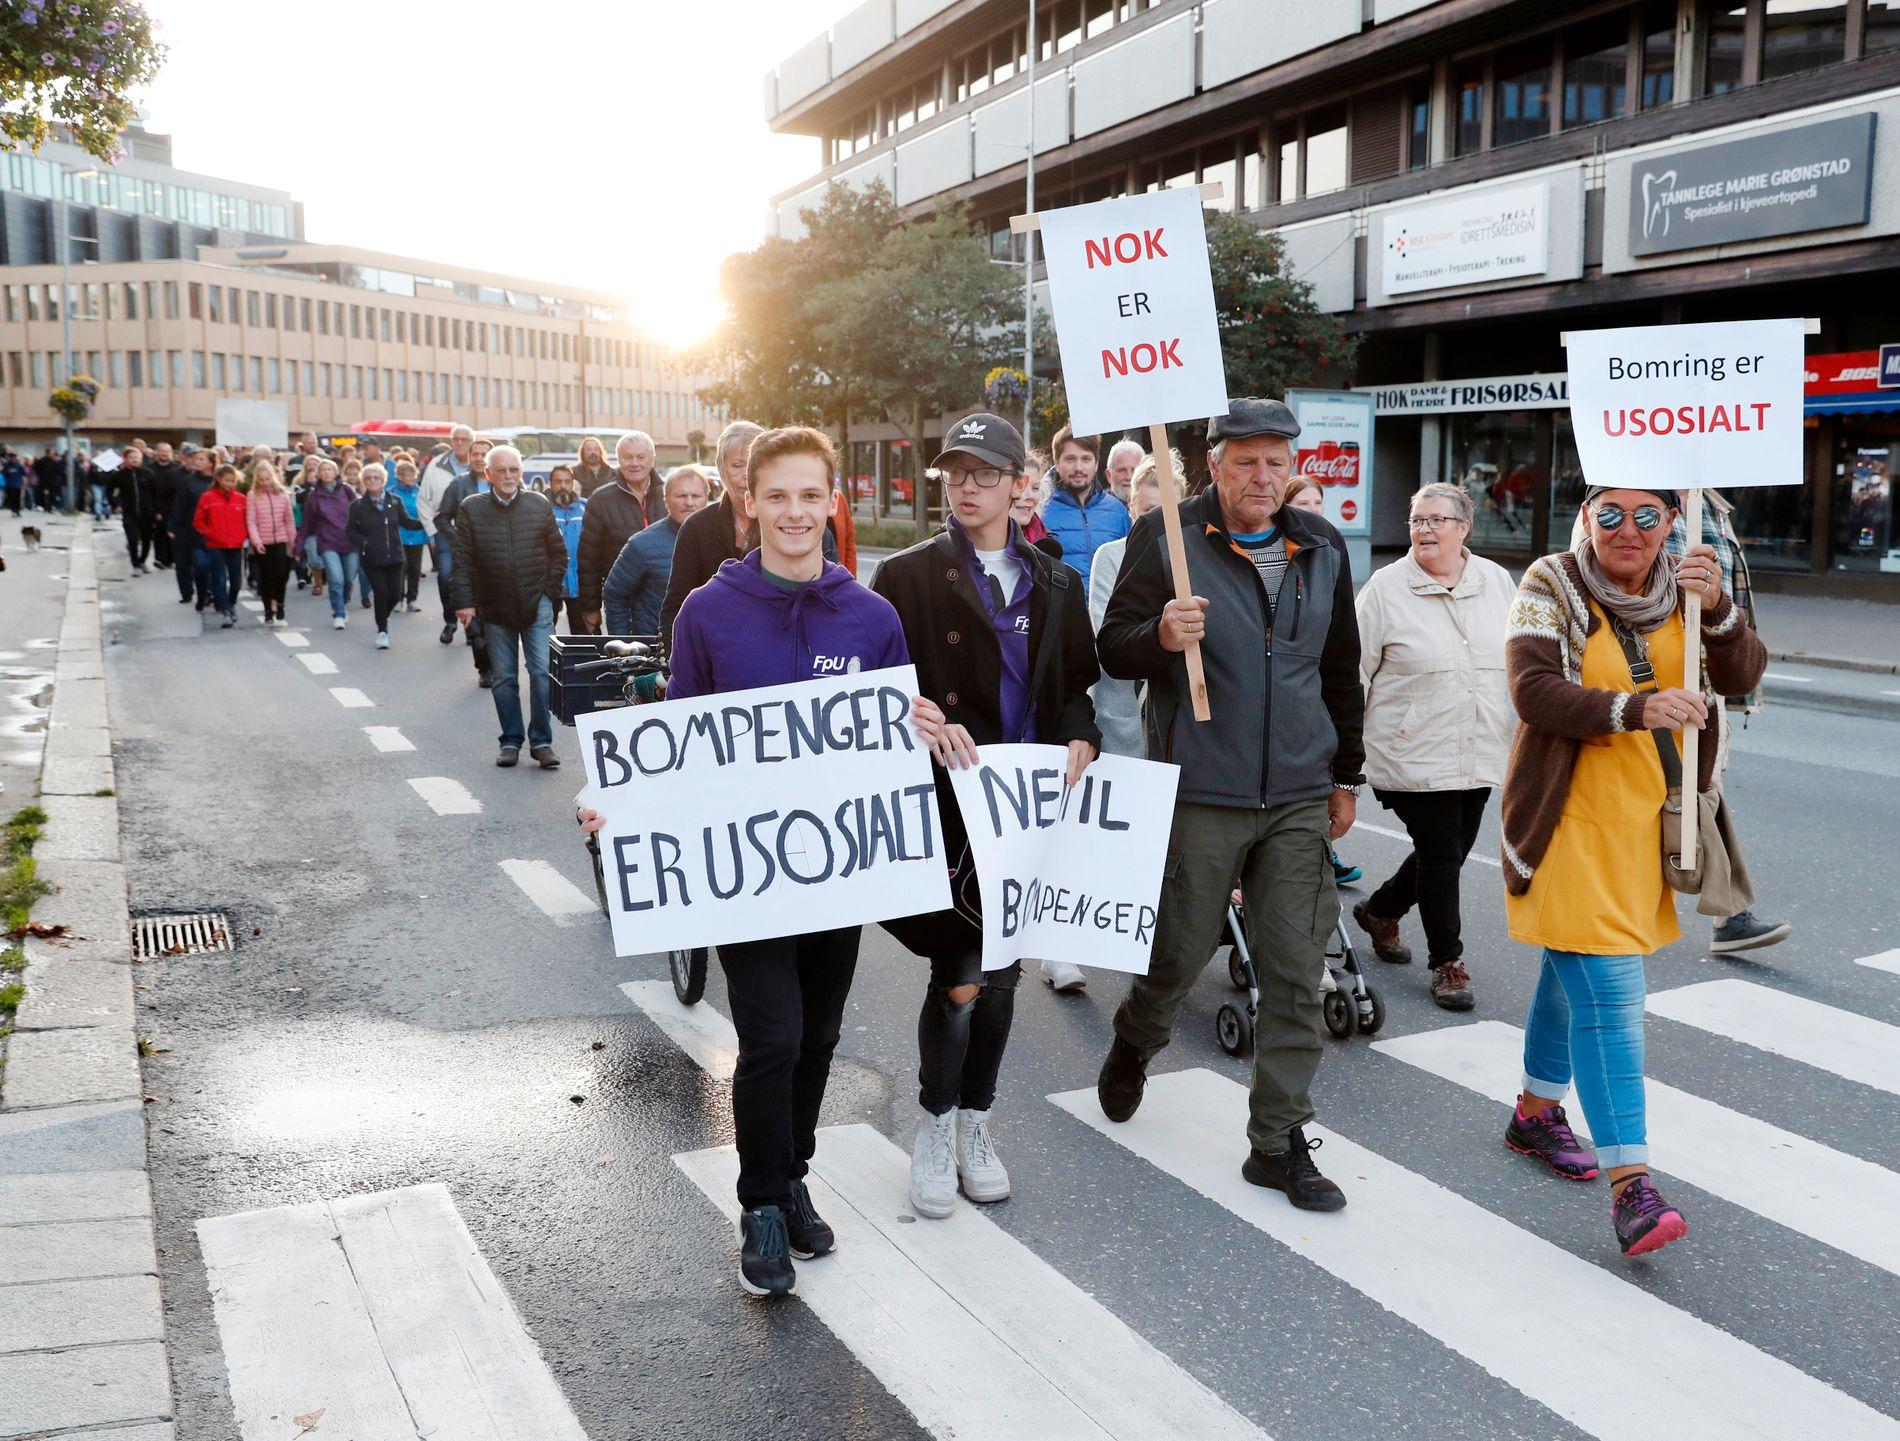 AKSJON: Høsten 2018 har det vært flere store bompengedemonstrasjoner i Norge. Her går demonstranter gjennom Fredrikstad i en markering mot bomringen der i september.